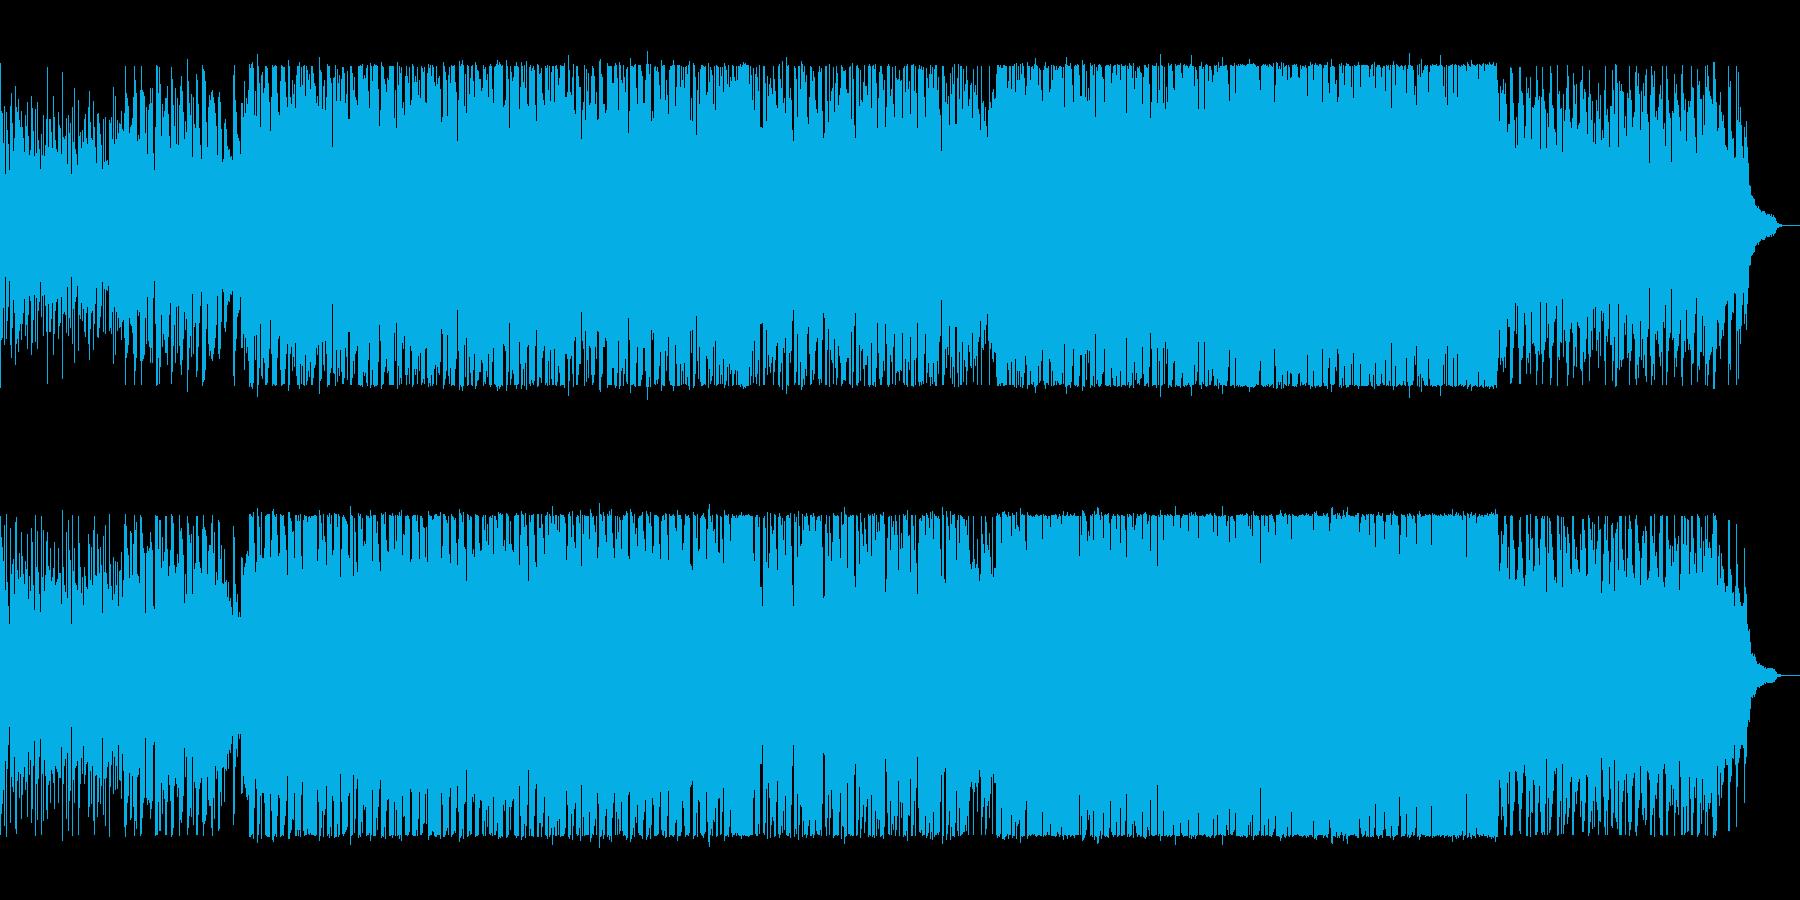 軽快なリズムのテクノポップの再生済みの波形